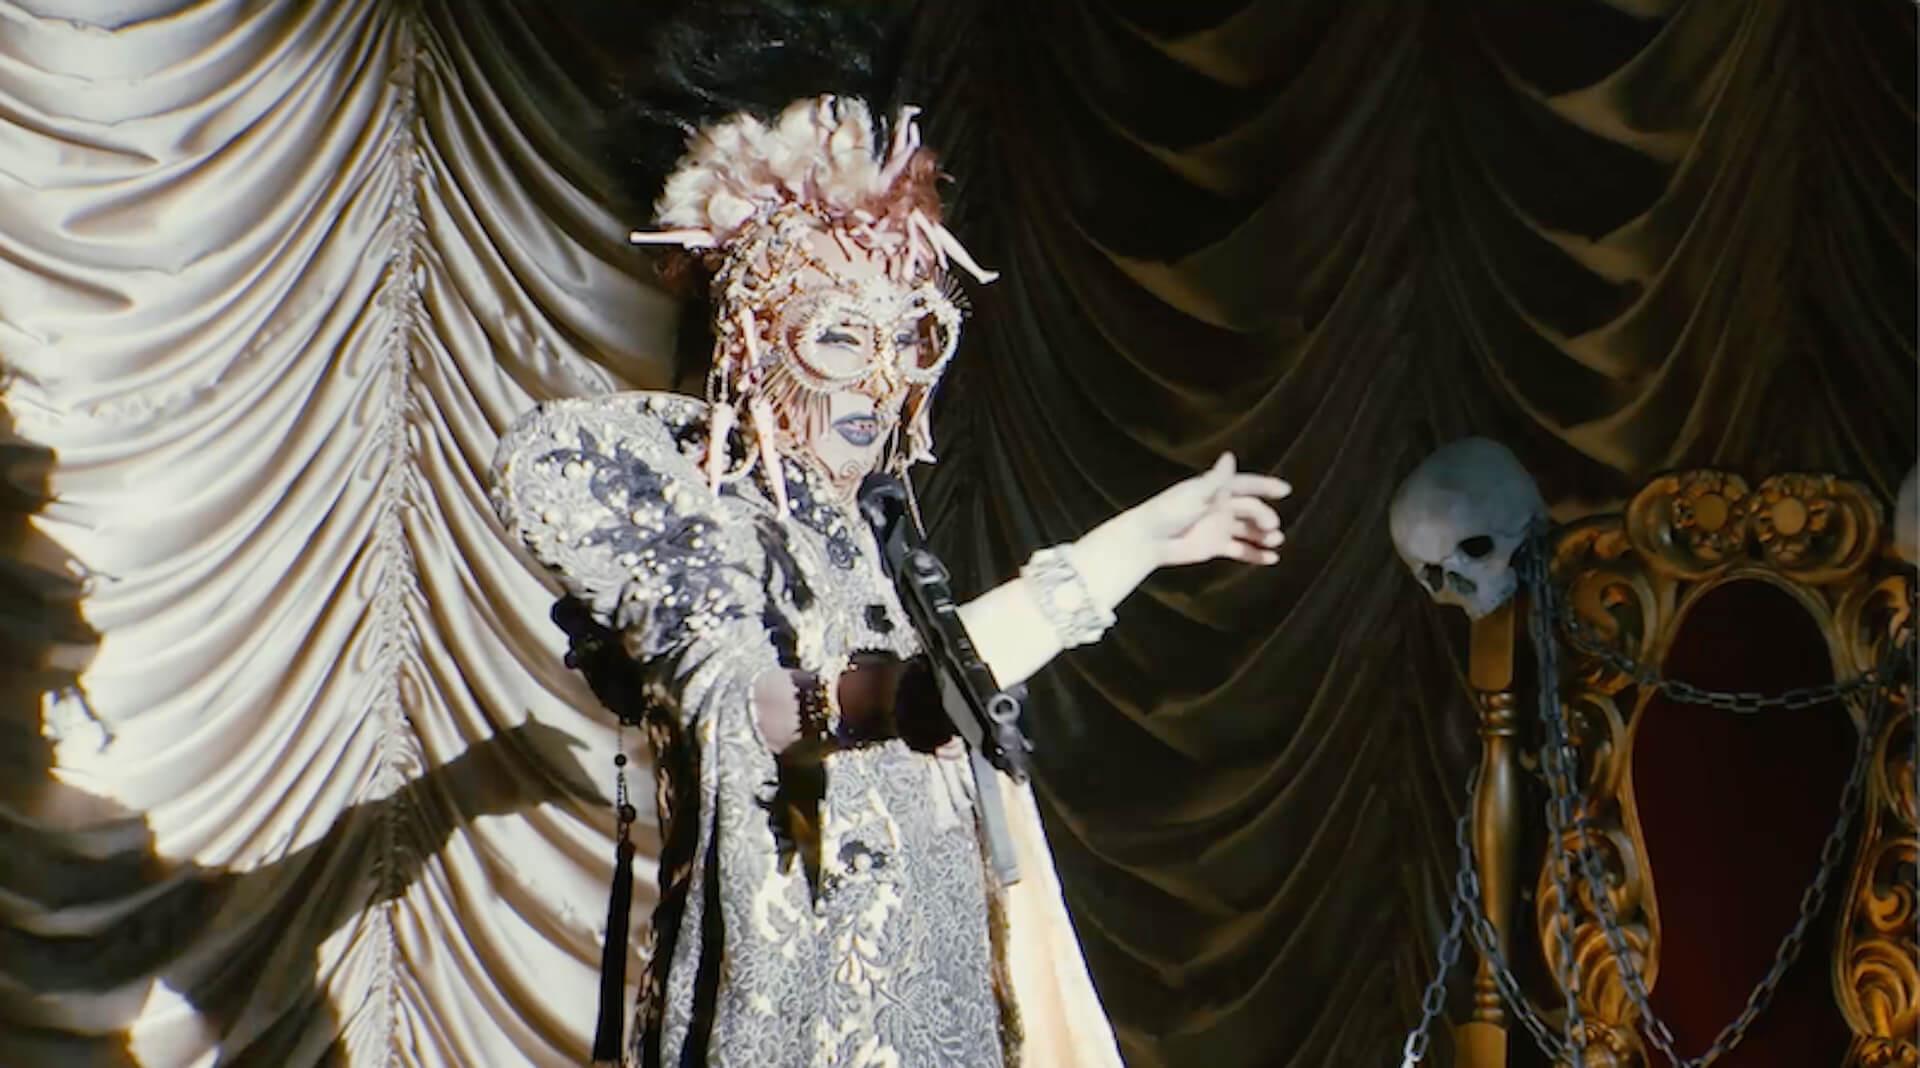 ももクロ、スーツ姿で決めるプレミアムライブのティーザー映像第2弾が解禁!メンバーによるオーディオコメンタリーも収録決定 music191219_momokuro_6